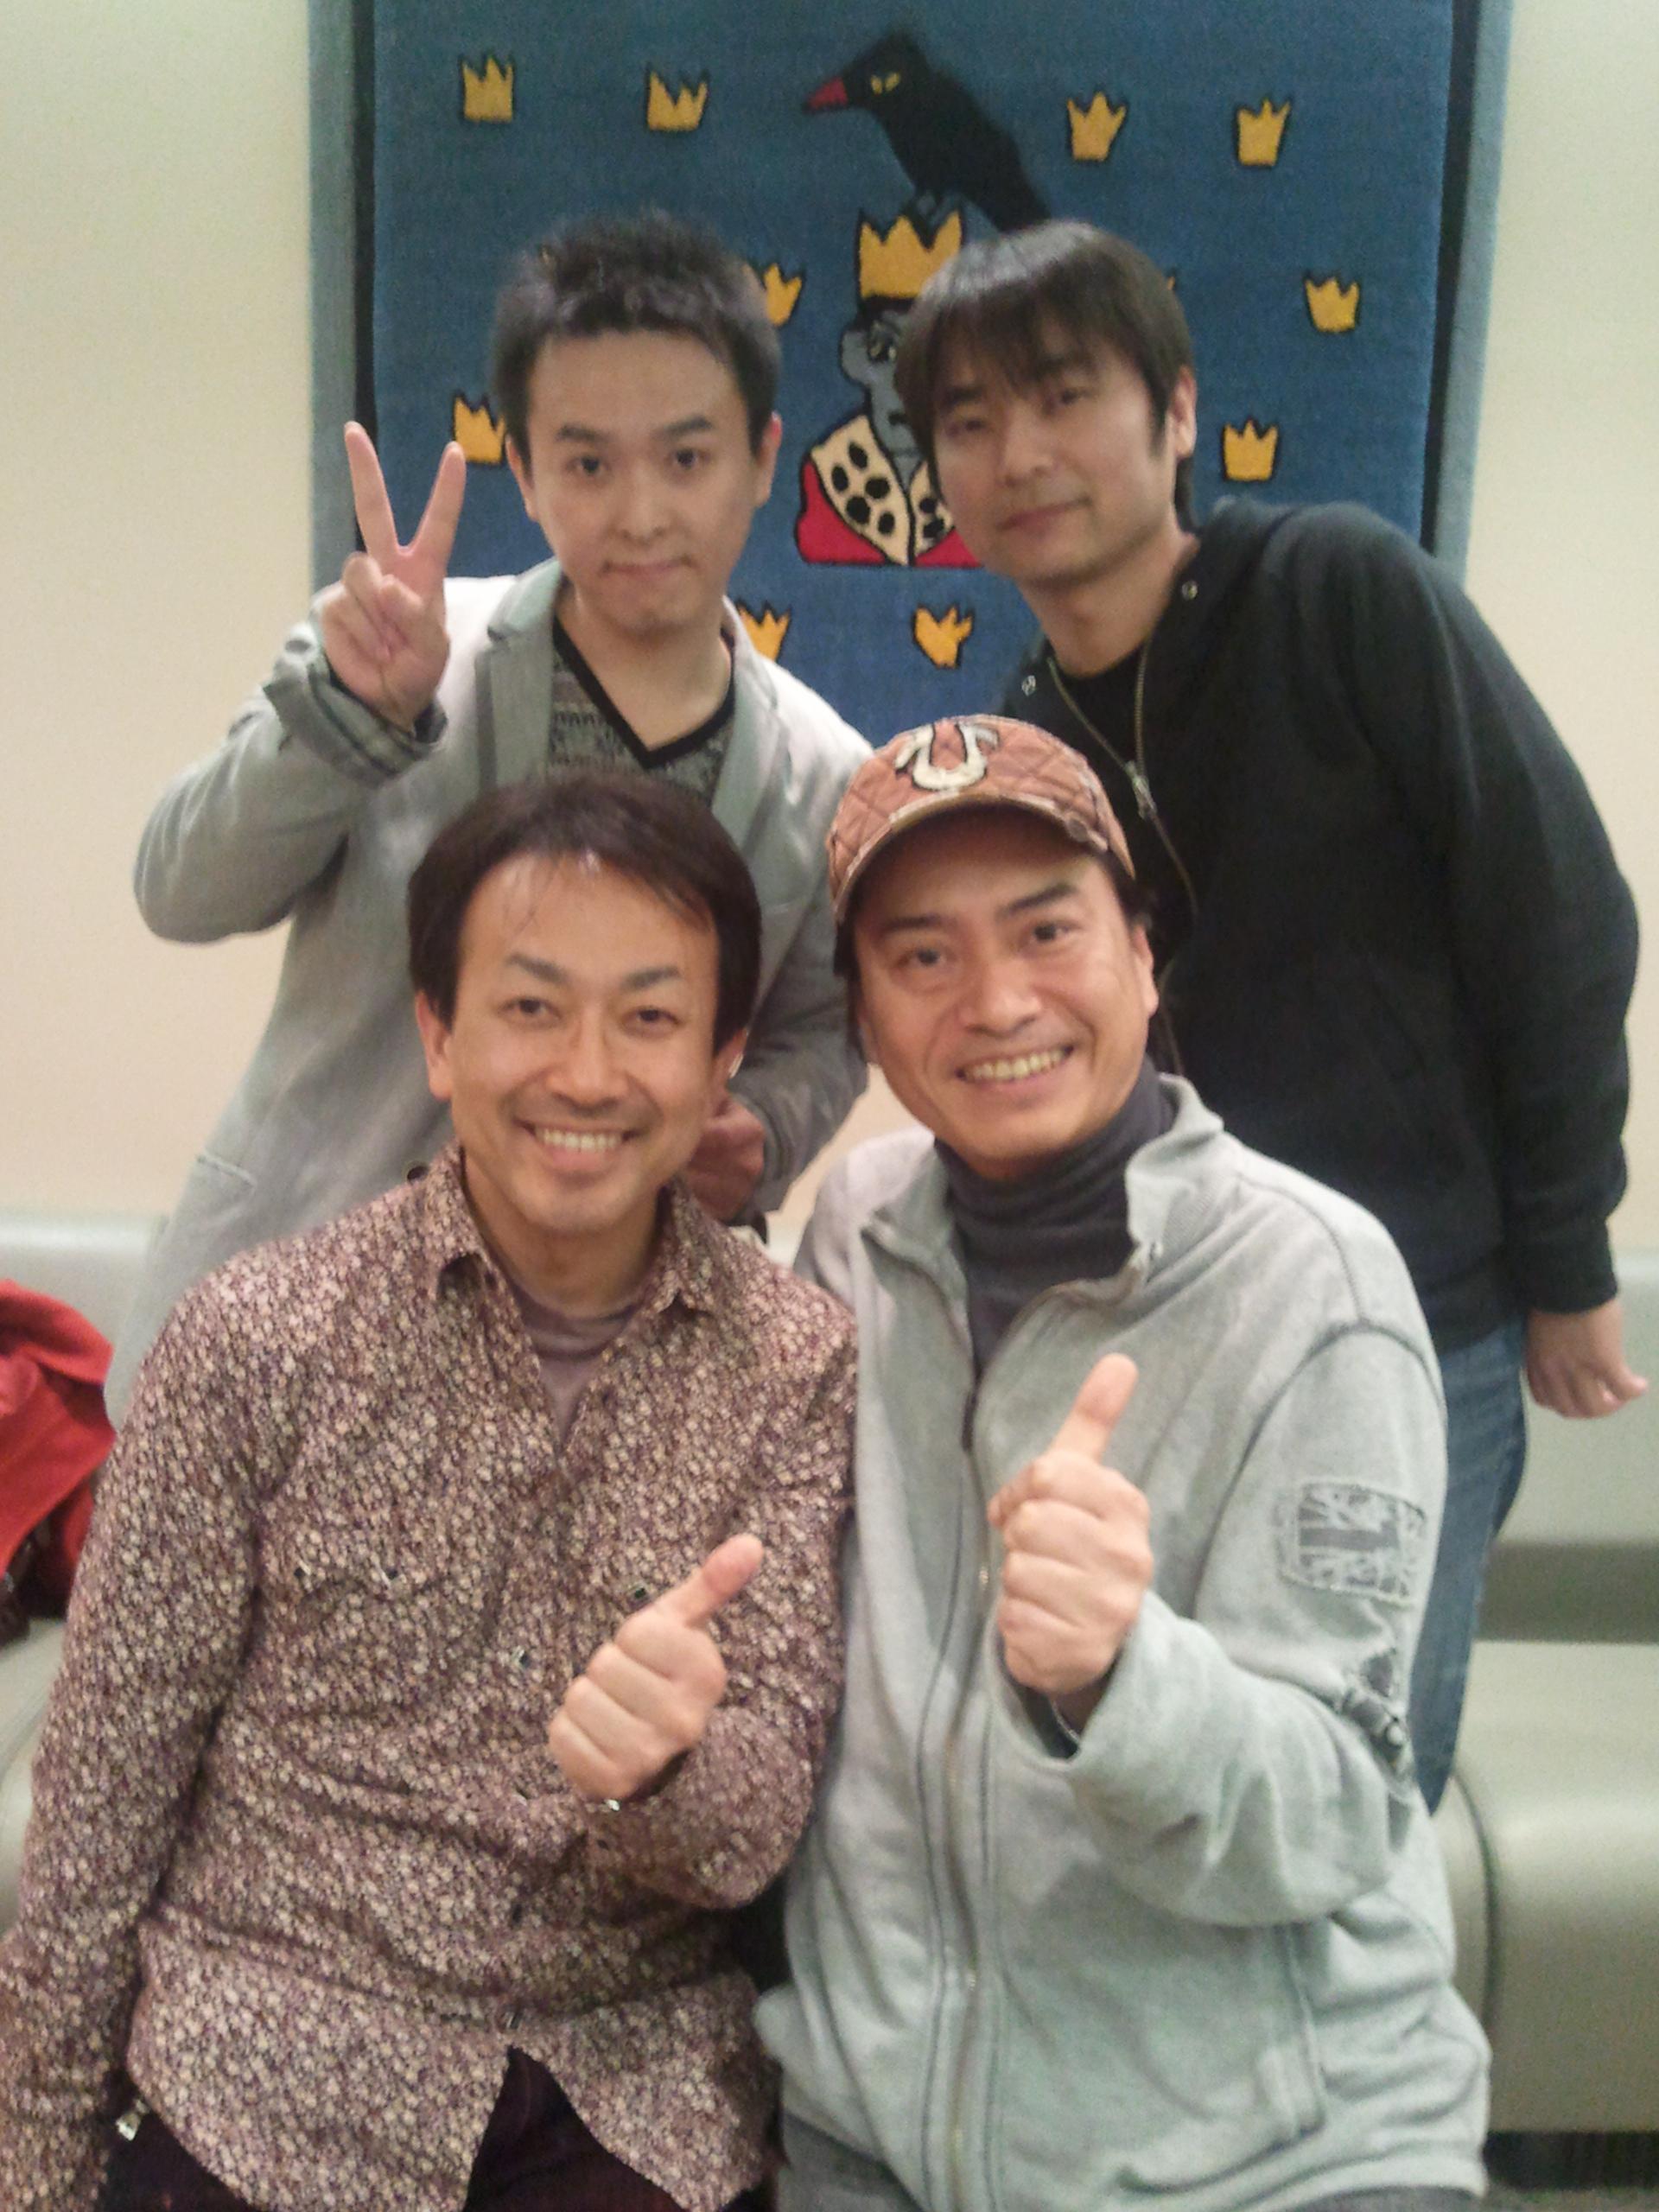 http://www.hiratahiroaki.com/blog/wp-content/uploads/2010-12-14_150051.jpg